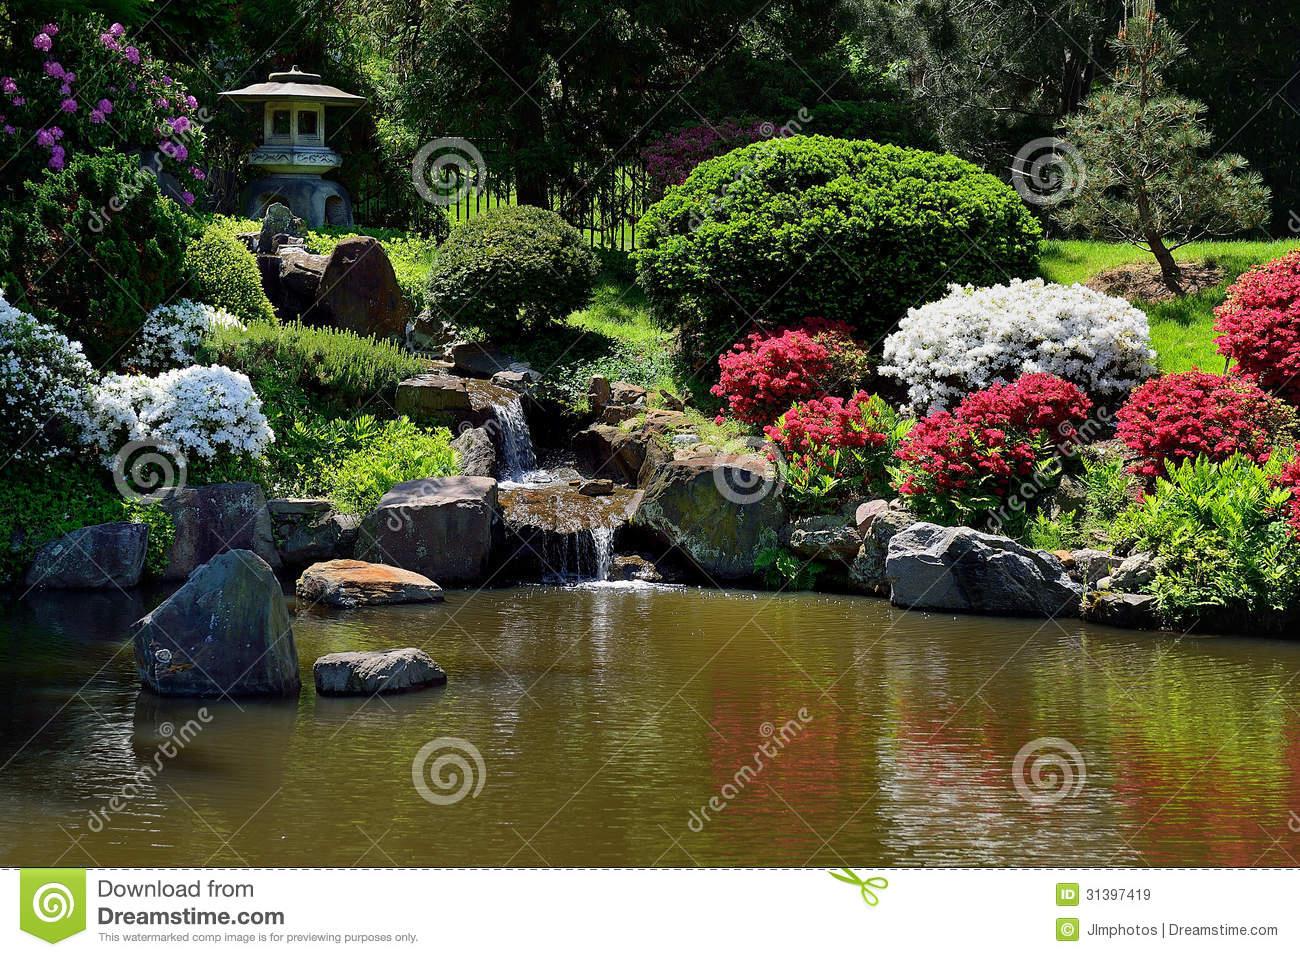 Fontaine Jardin Japonais Petite Fontaine De Chute De L Eau ... concernant Fontaine Jardin Japonais